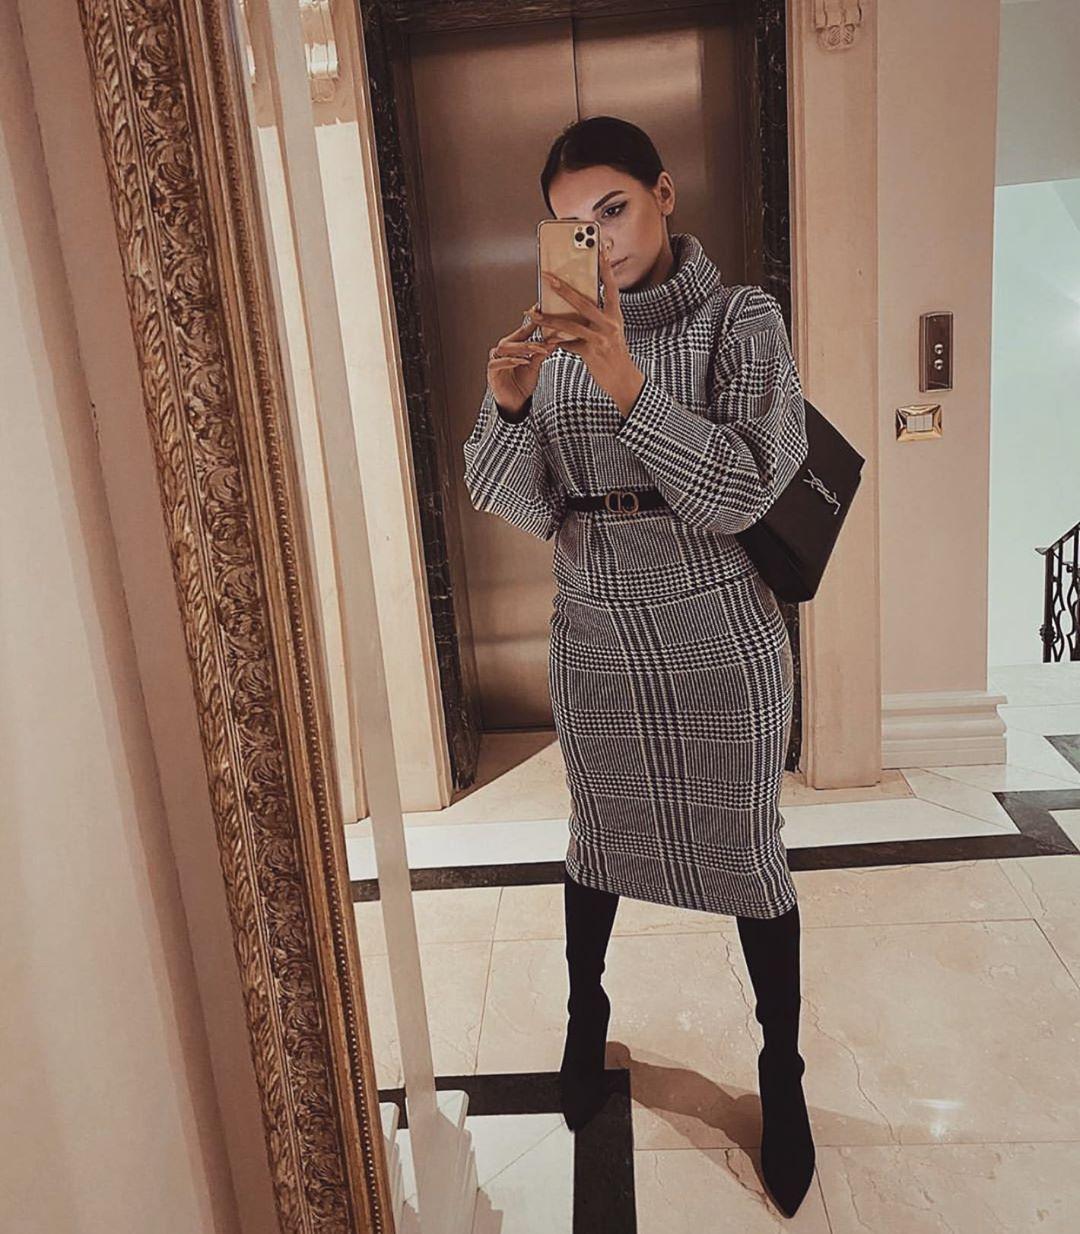 модные образы для бизнес-леди зимы 2020 фото 4